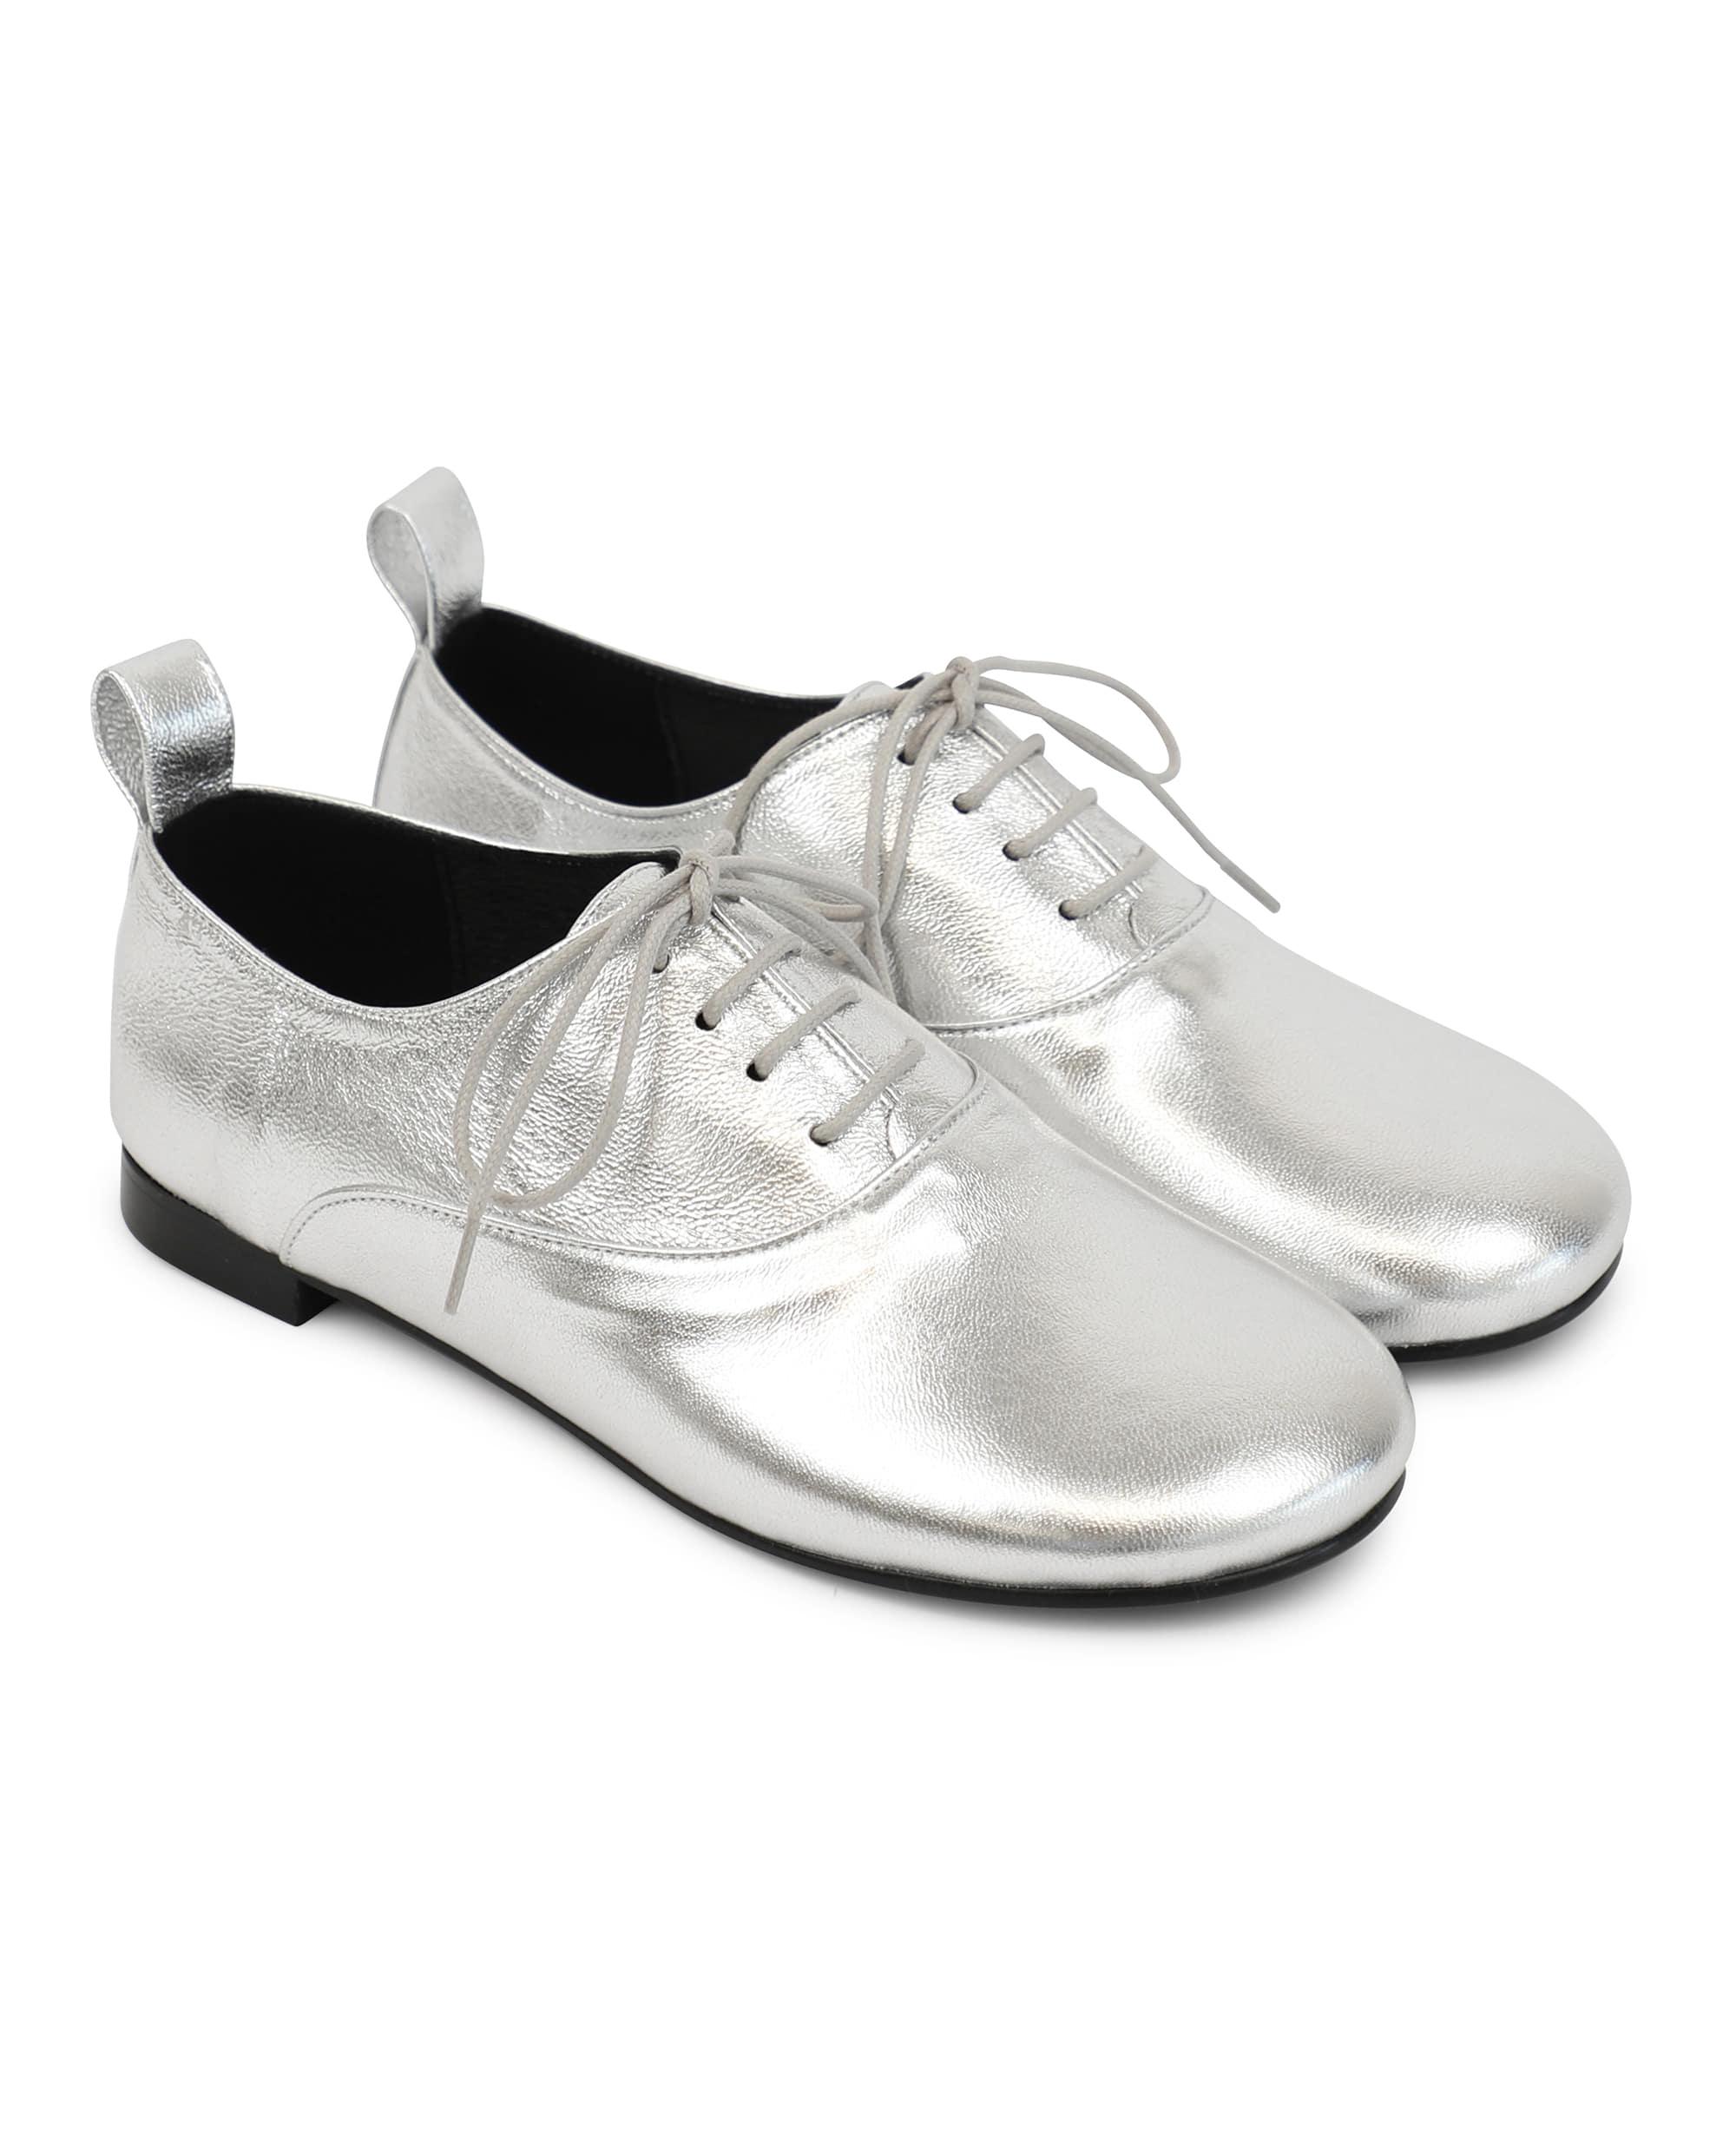 플랫아파트먼트, FLAT APARTMENT, 플랫아파트먼트 신발, FLAT APARTMENT SHOES, pebble toe, pebble toe shoes, round toe flat shoes, oxford shoes, pebble toe oxfords, pebble toe oxford shoes, lace up oxford shoes, korean shoes brand, korean shoes, handmade shoes, flat shoes, 플랫슈즈, 옥스포드 슈즈, 레이스업 플랫 슈즈, 라운드 토 슈즈, 신발, 슈즈, 구두, 옥스포드 플랫 슈즈, seoul fahsion, k fahsion, south korea shoes brand, order made shoes, 수제화, 주문제작 신발, 편한 신발